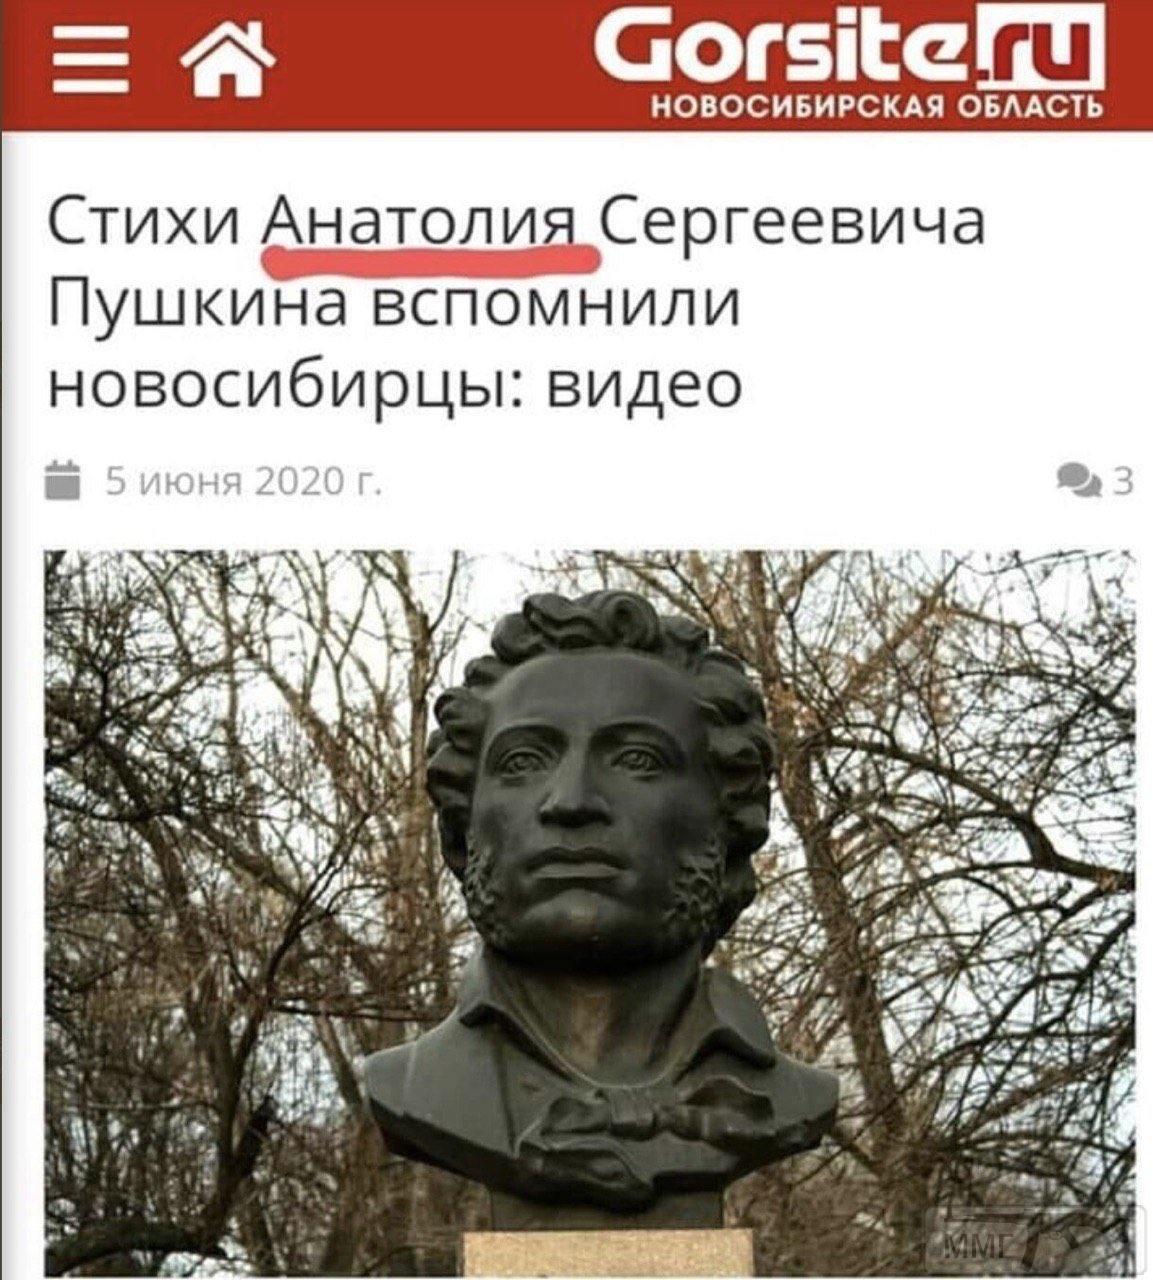 107823 - А в России чудеса!